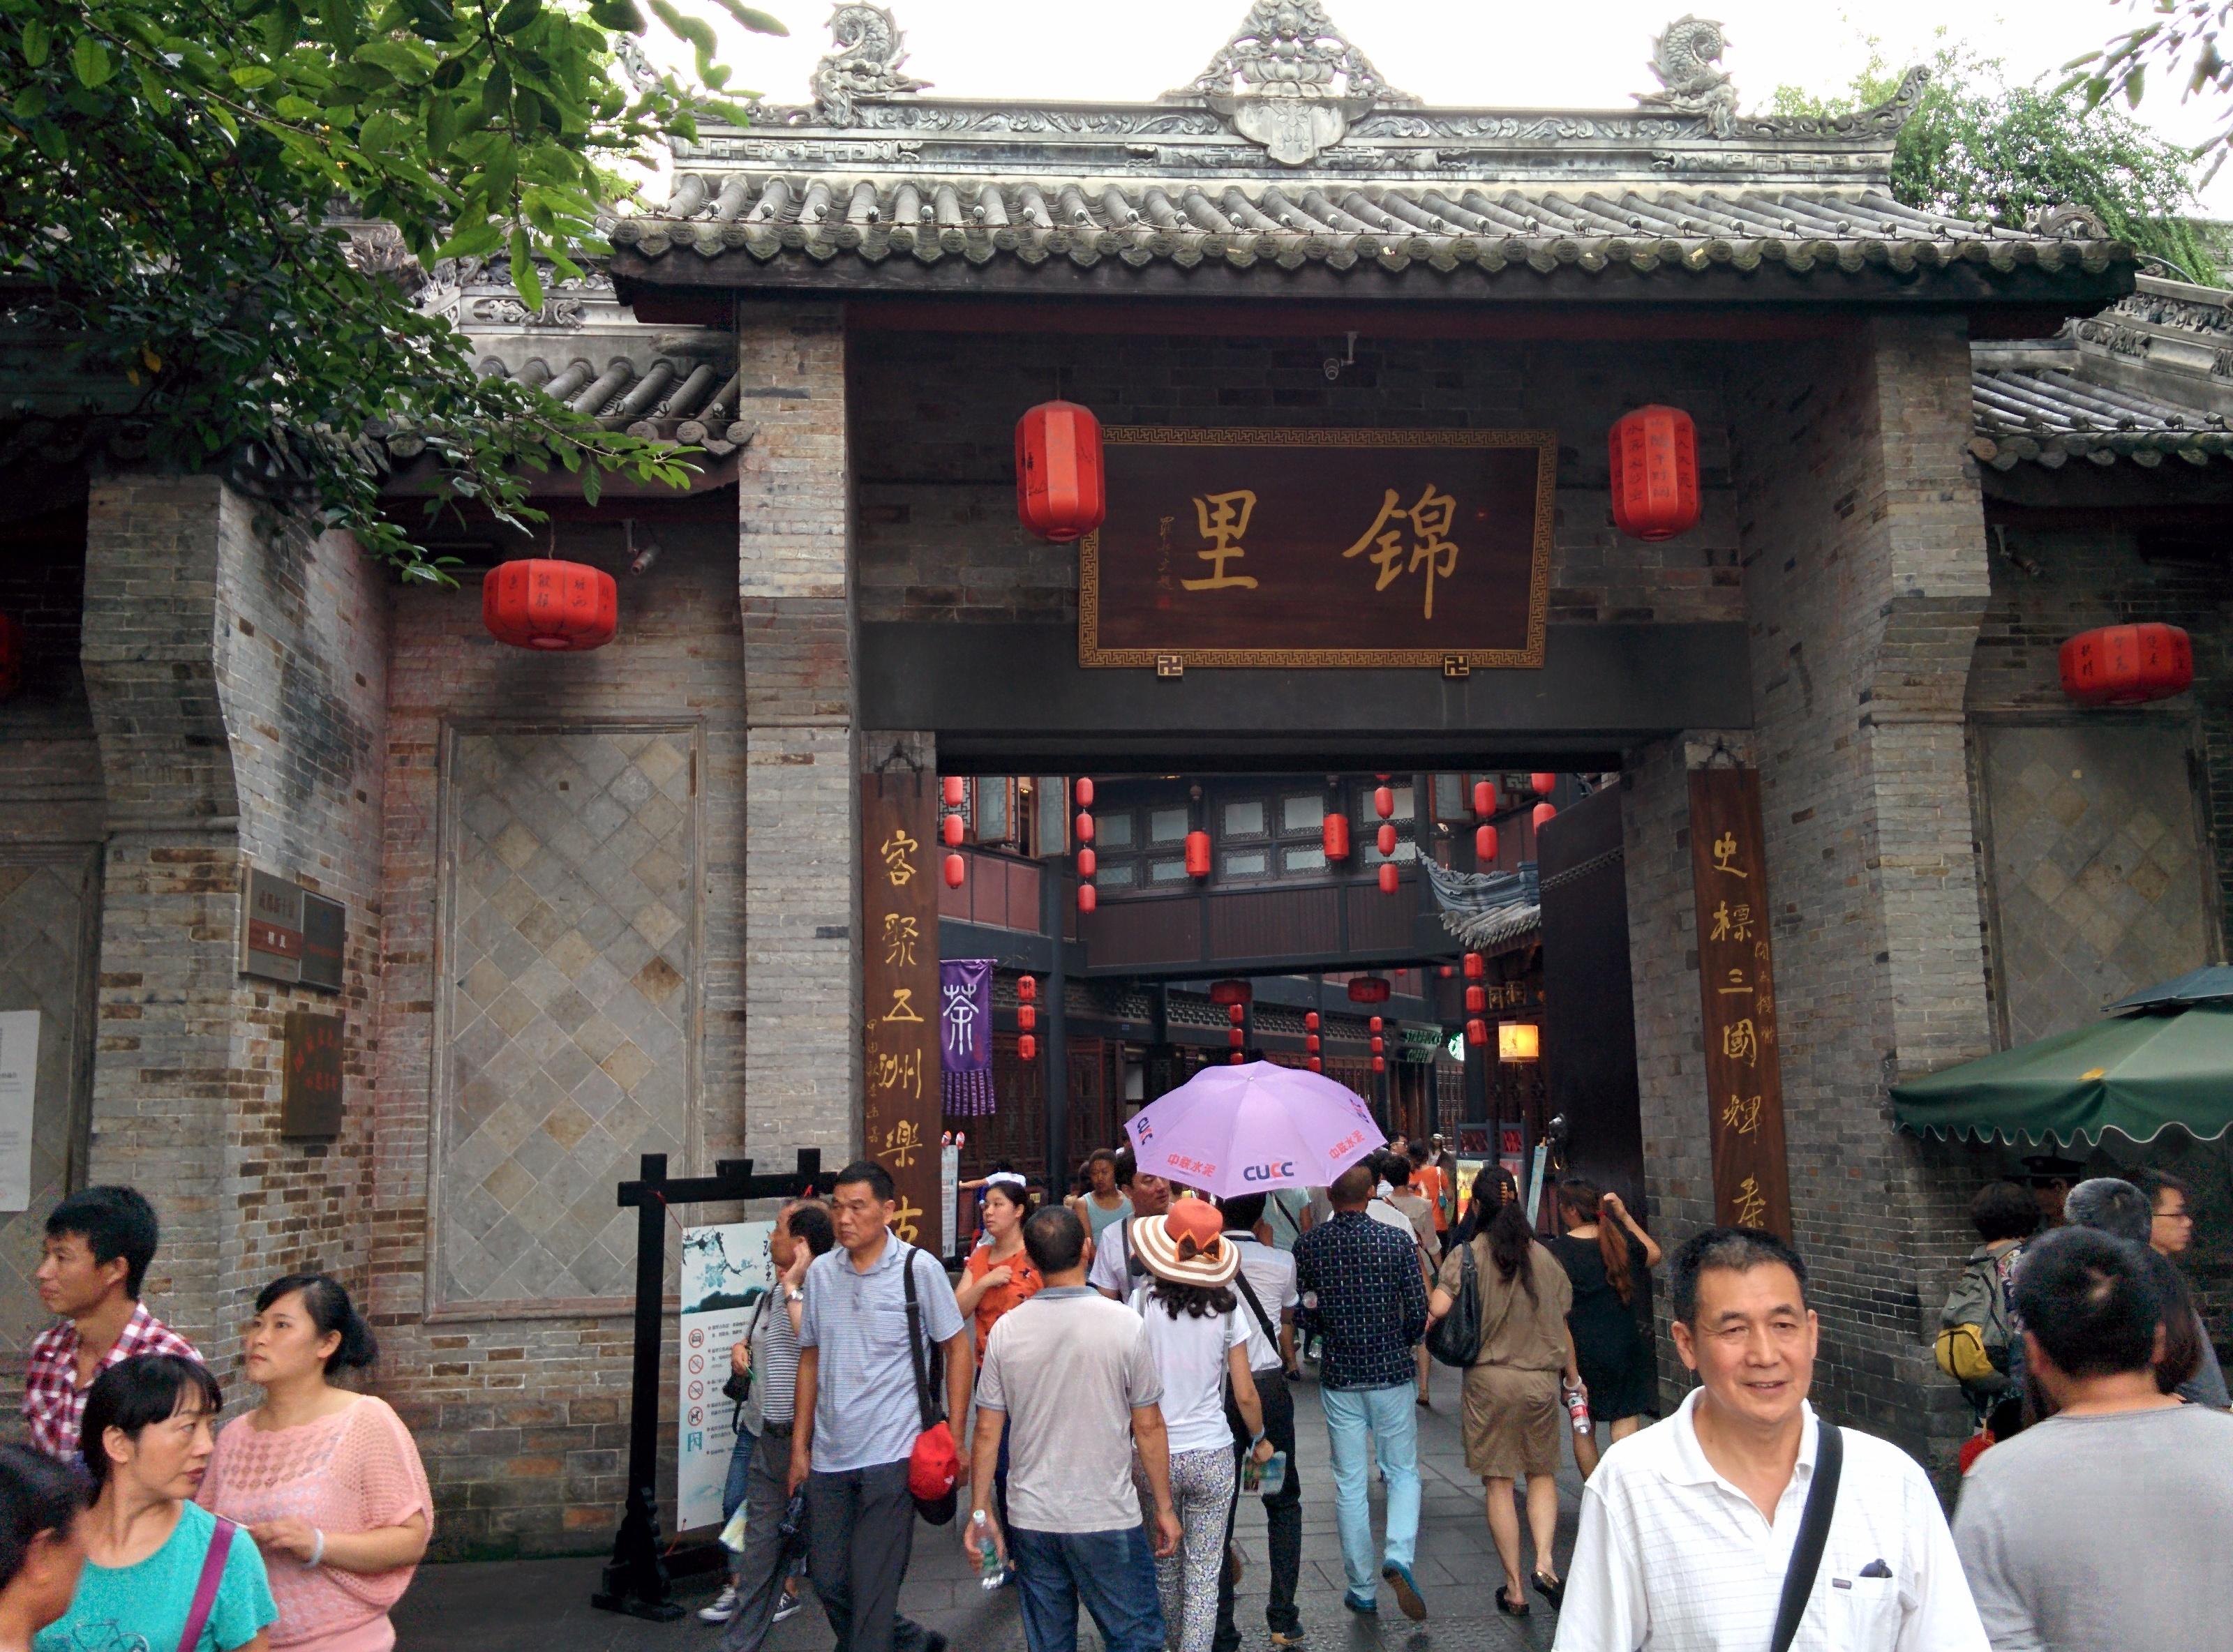 Entrance to Jinli Ancient Street.